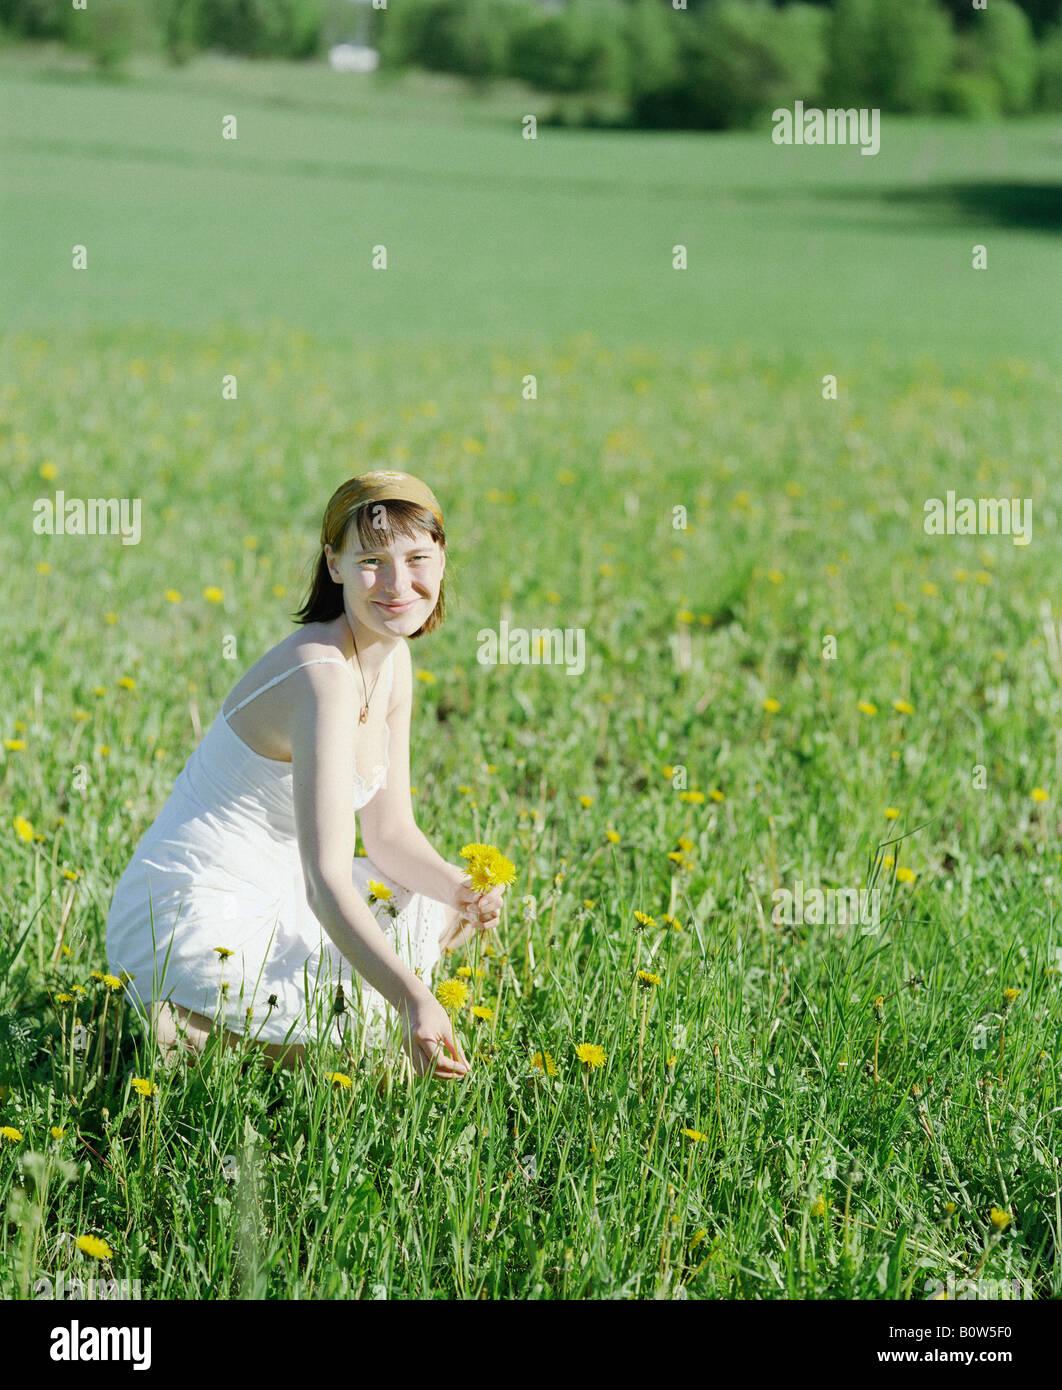 Mujer joven recogiendo flores en un campo Imagen De Stock